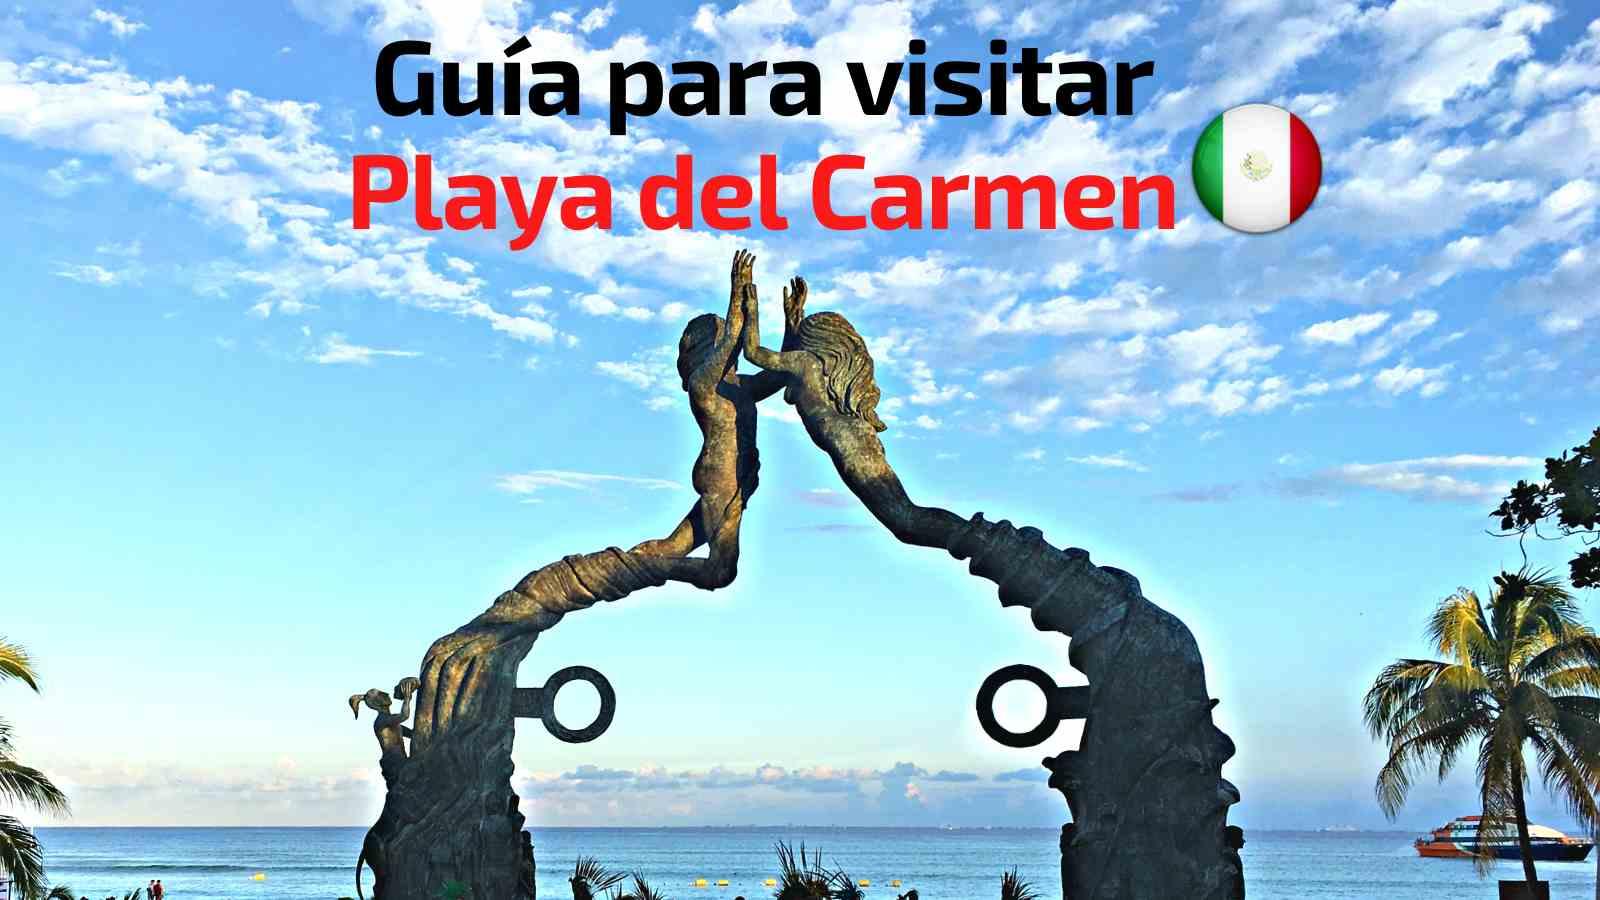 Visitar Playa del Carmen